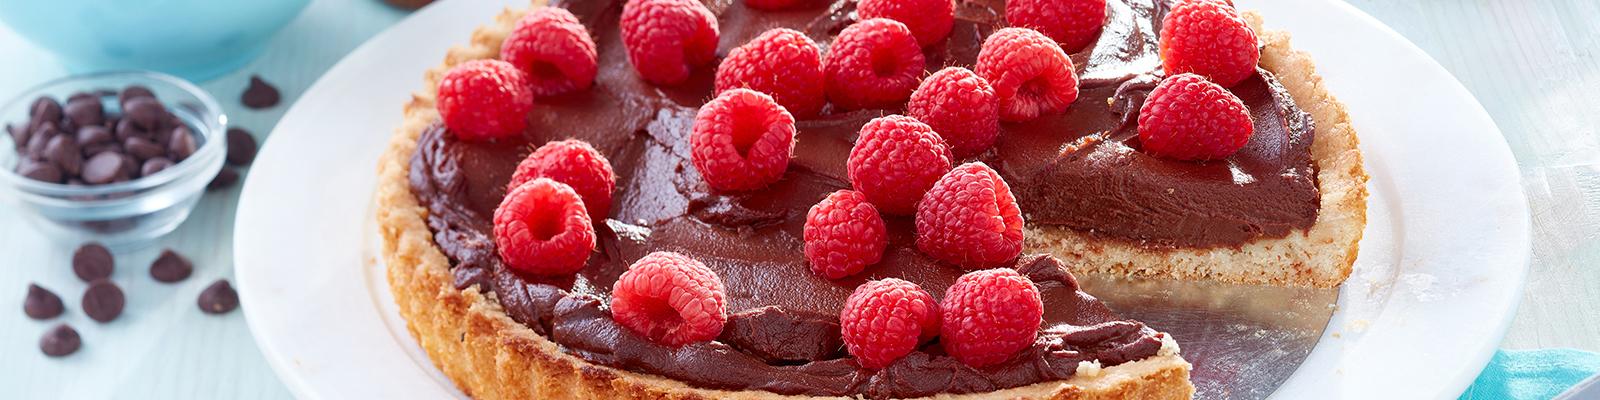 Chocolate-Raspberry-Cream-Tart_1600x400.jpg